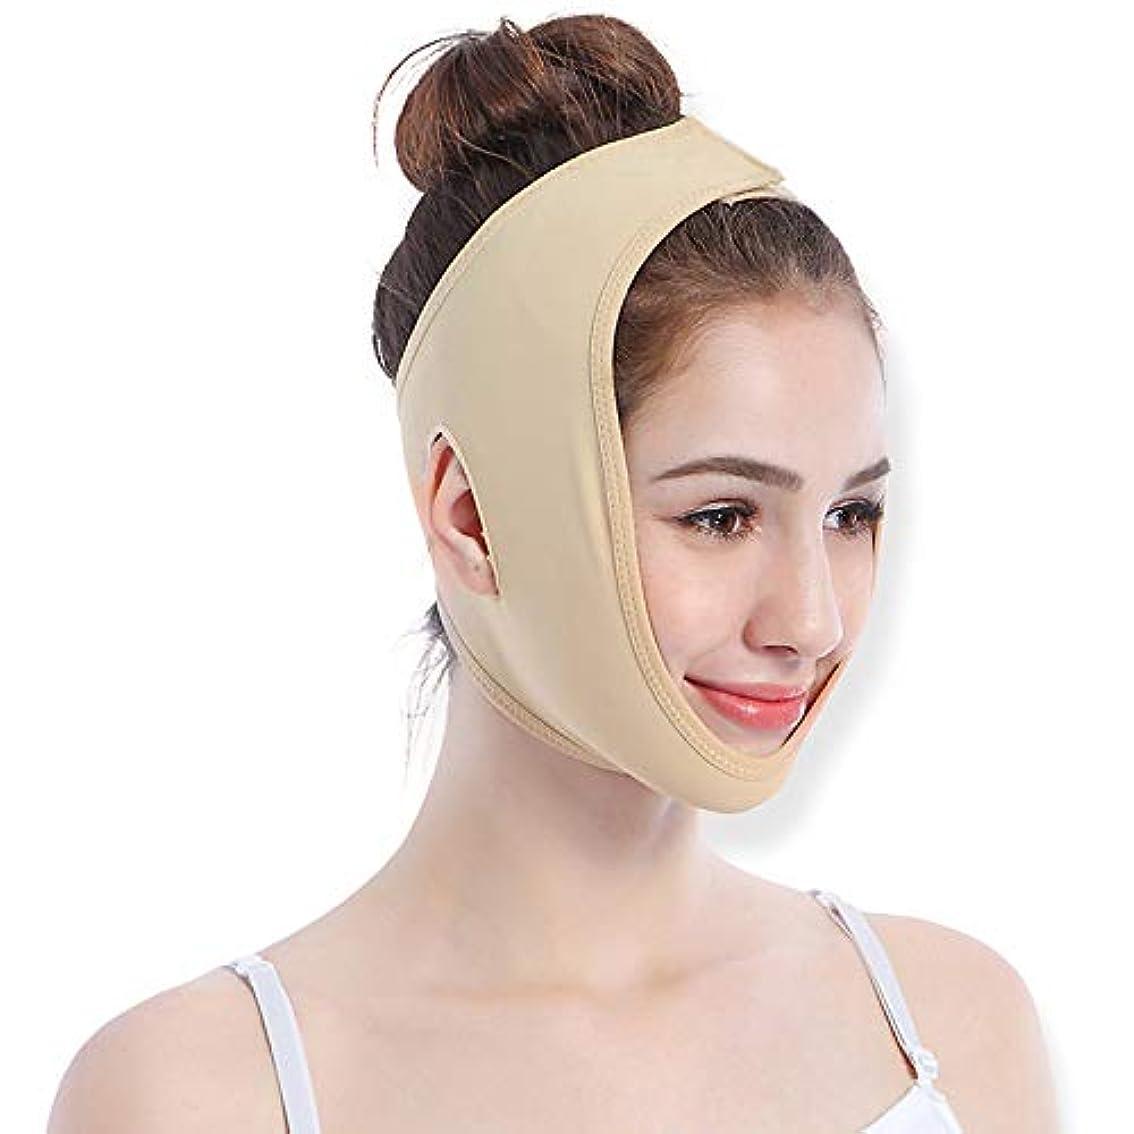 カップルレンダー寓話顔の重量損失通気性顔マスク睡眠 V 顔マスク顔リフティング包帯リフティング引き締めフェイスリフティングユニセックス,S